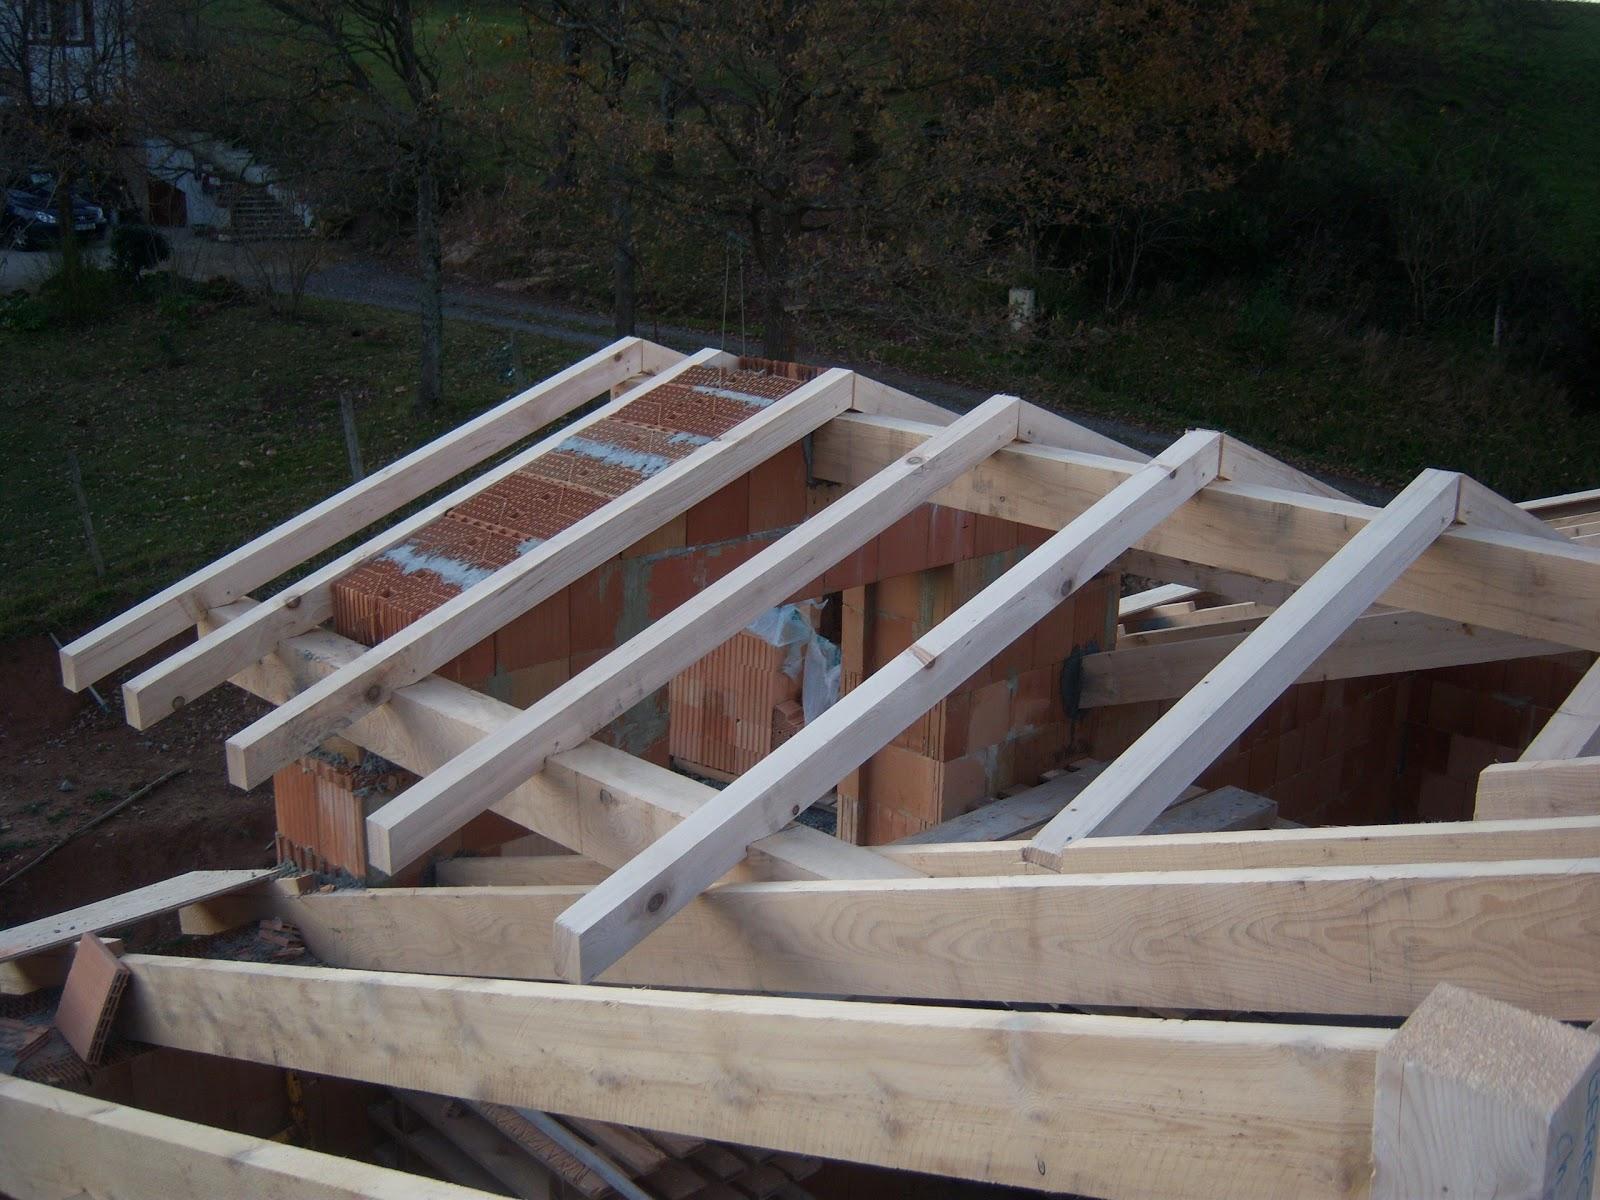 Andocarpinteando tejado con aislante de fibras de madera for Tejados de madera precios